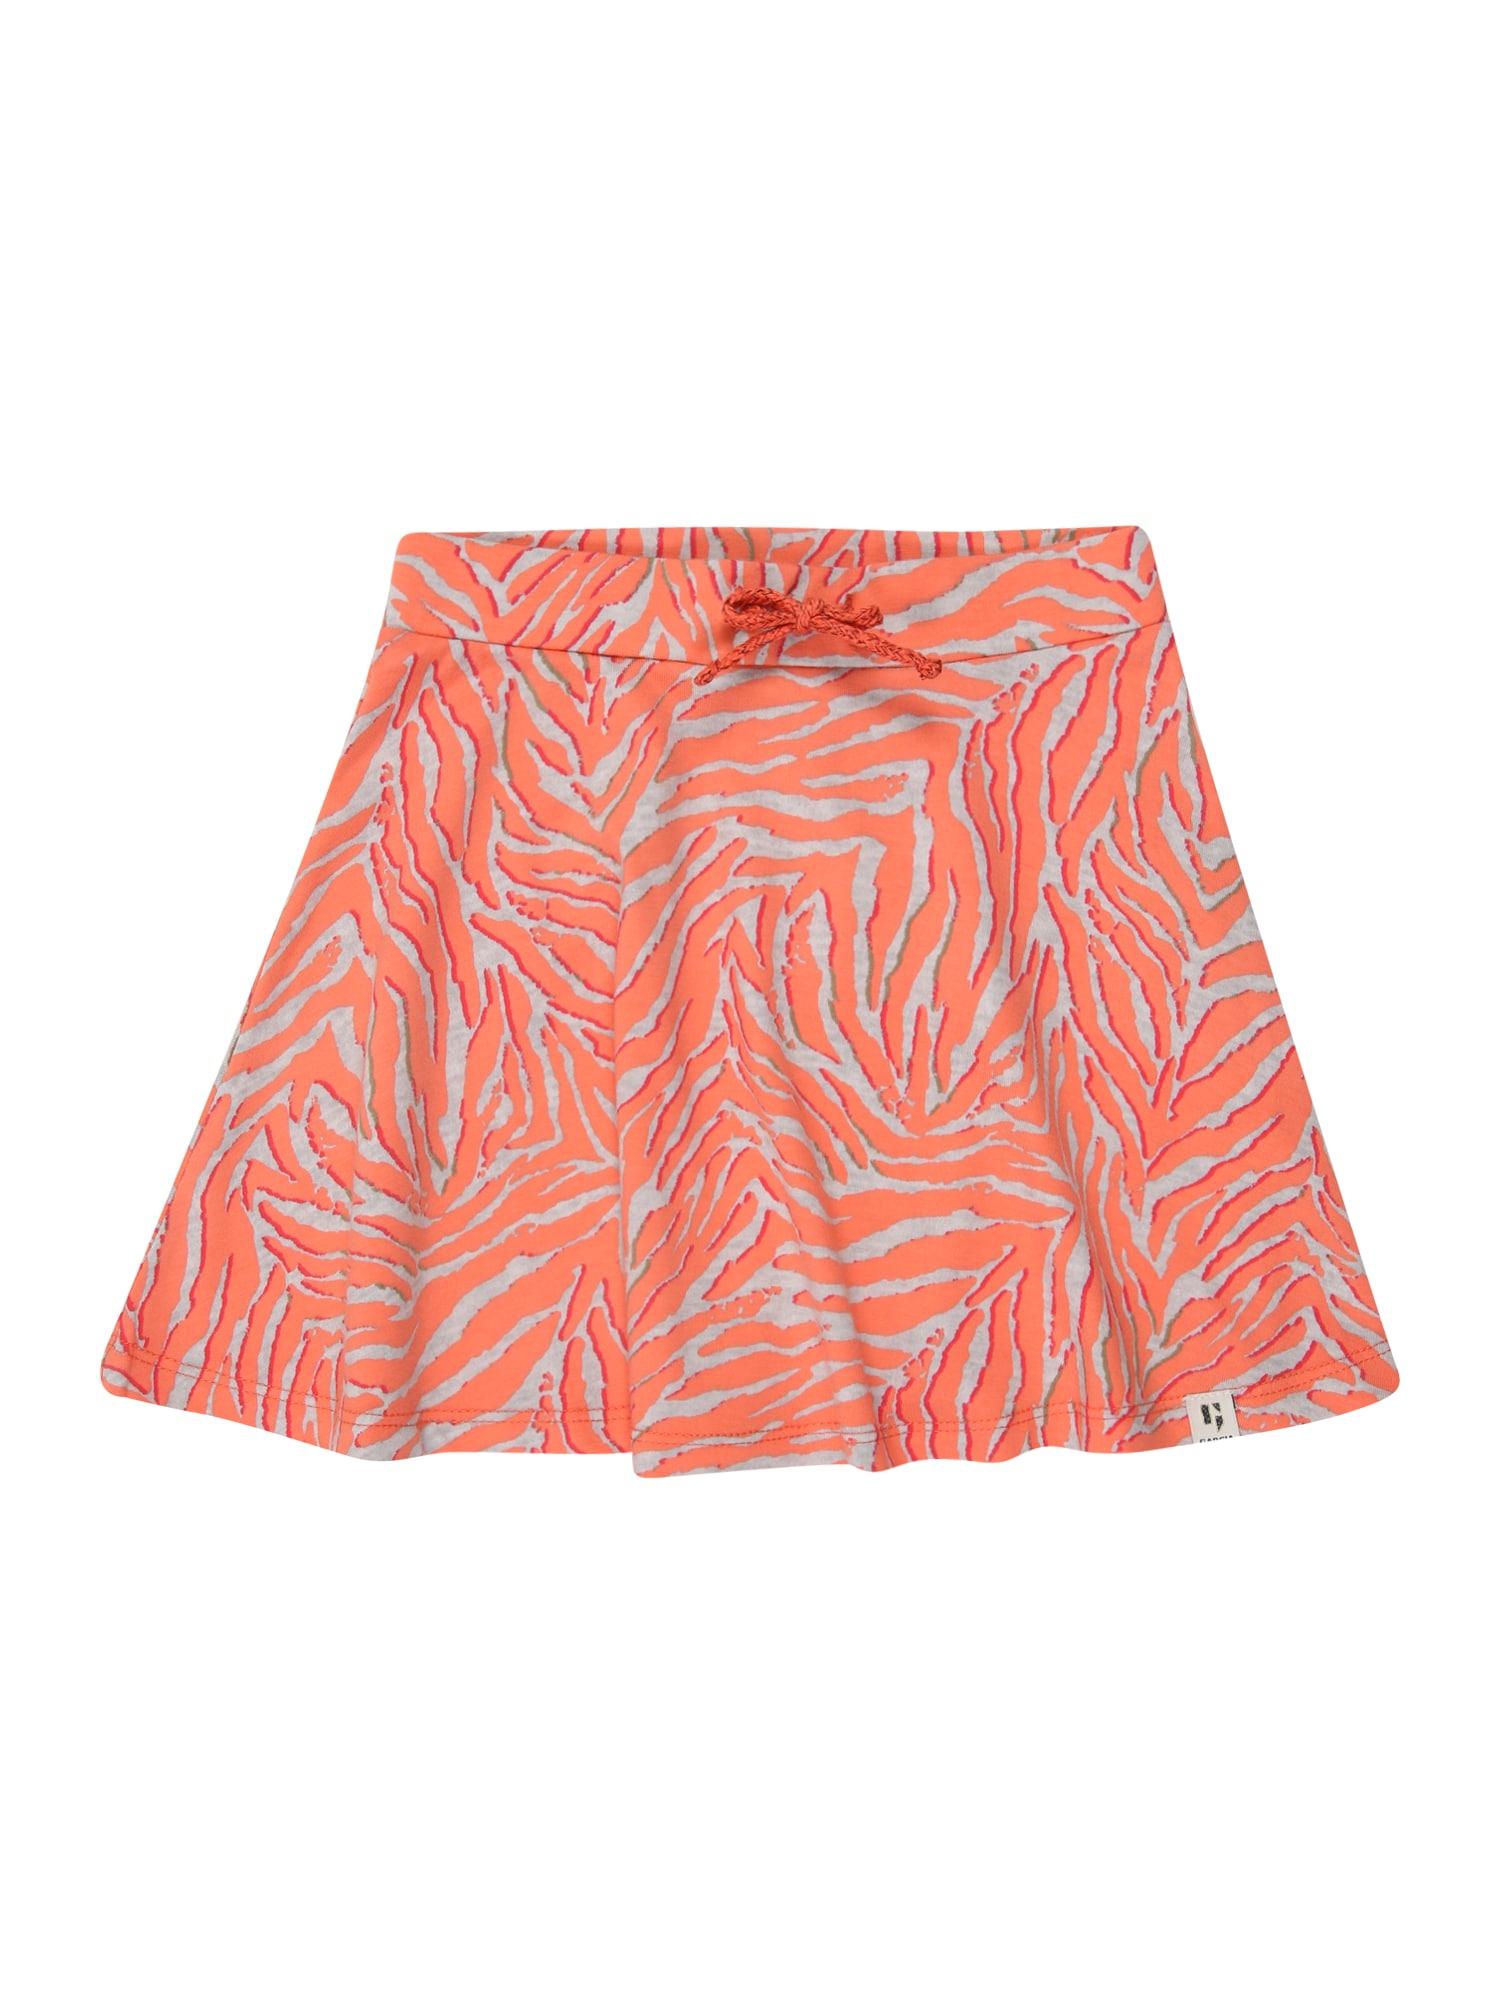 GARCIA Sijonas 'O04721_girls skirt' margai pilka / oranžinė